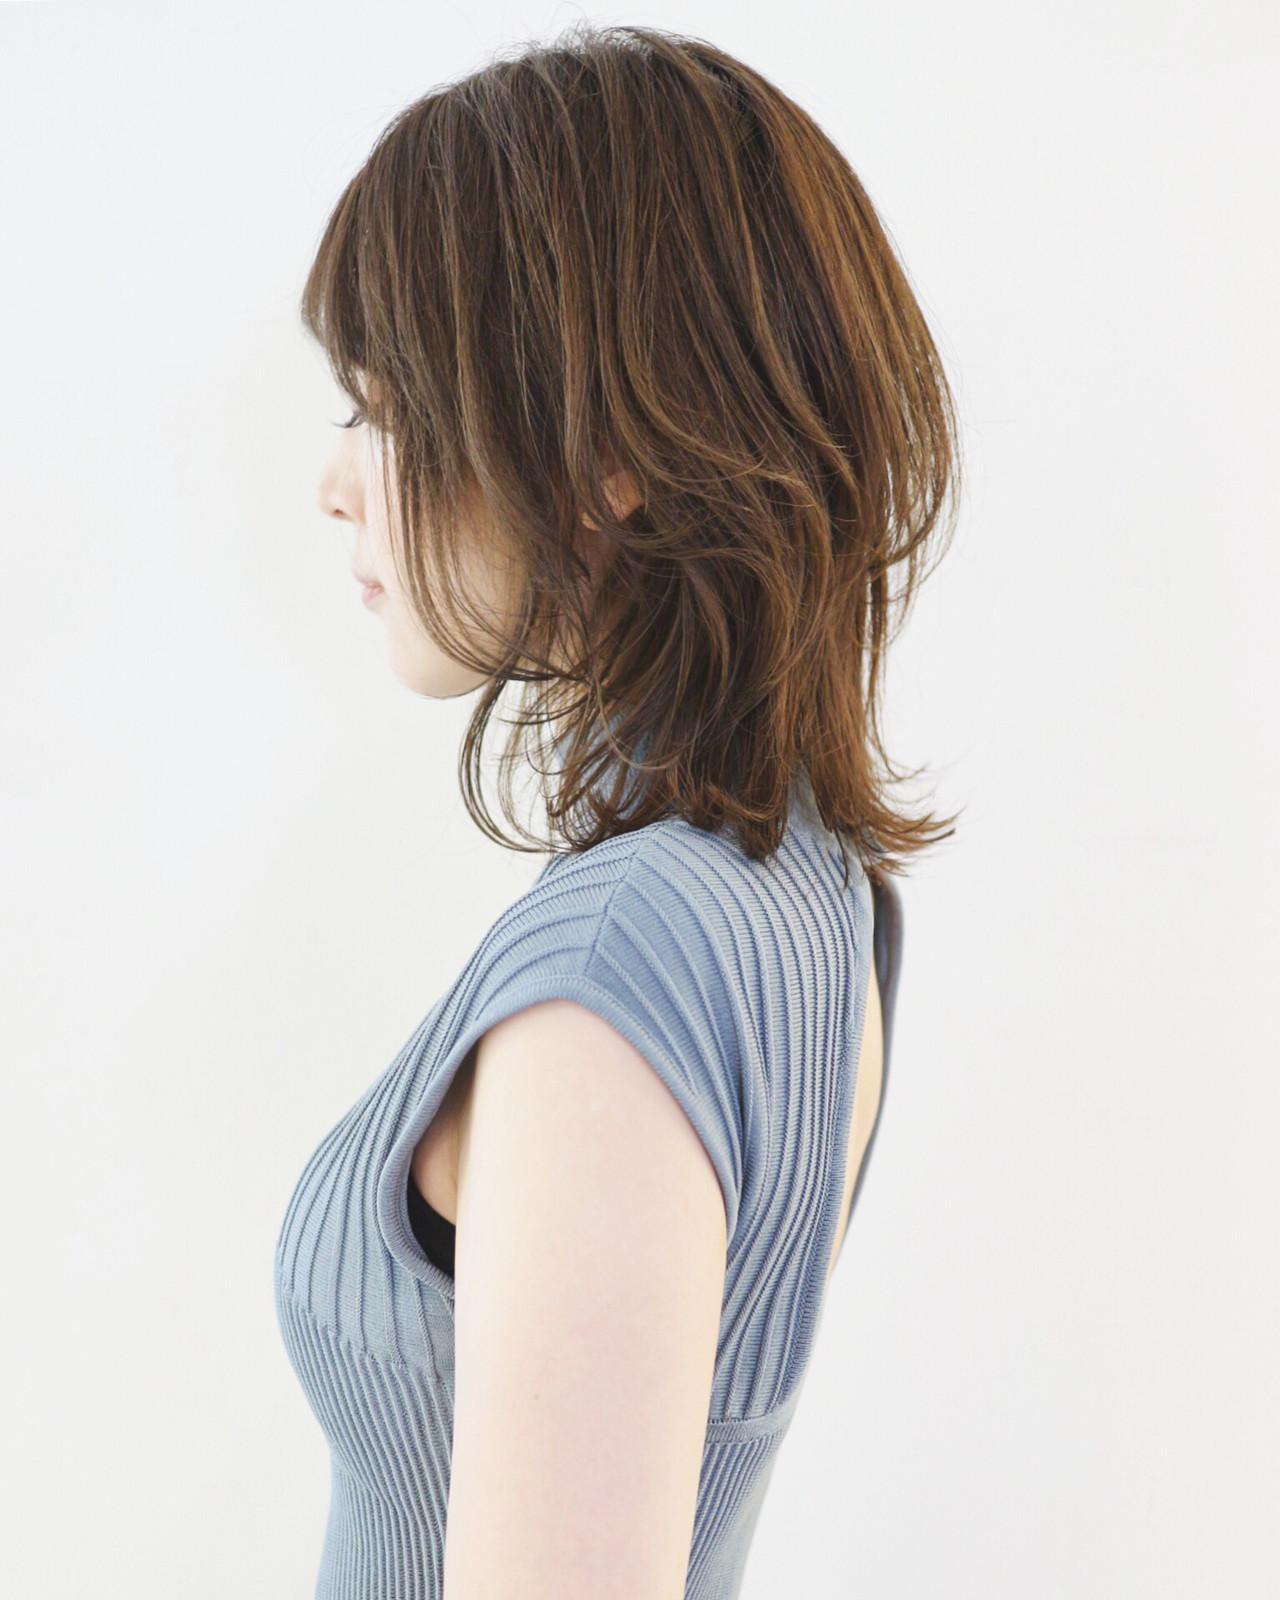 フェミニン ボブ ウルフカット レイヤースタイル ヘアスタイルや髪型の写真・画像 | 三好 佳奈美 / Baco.(バコ)